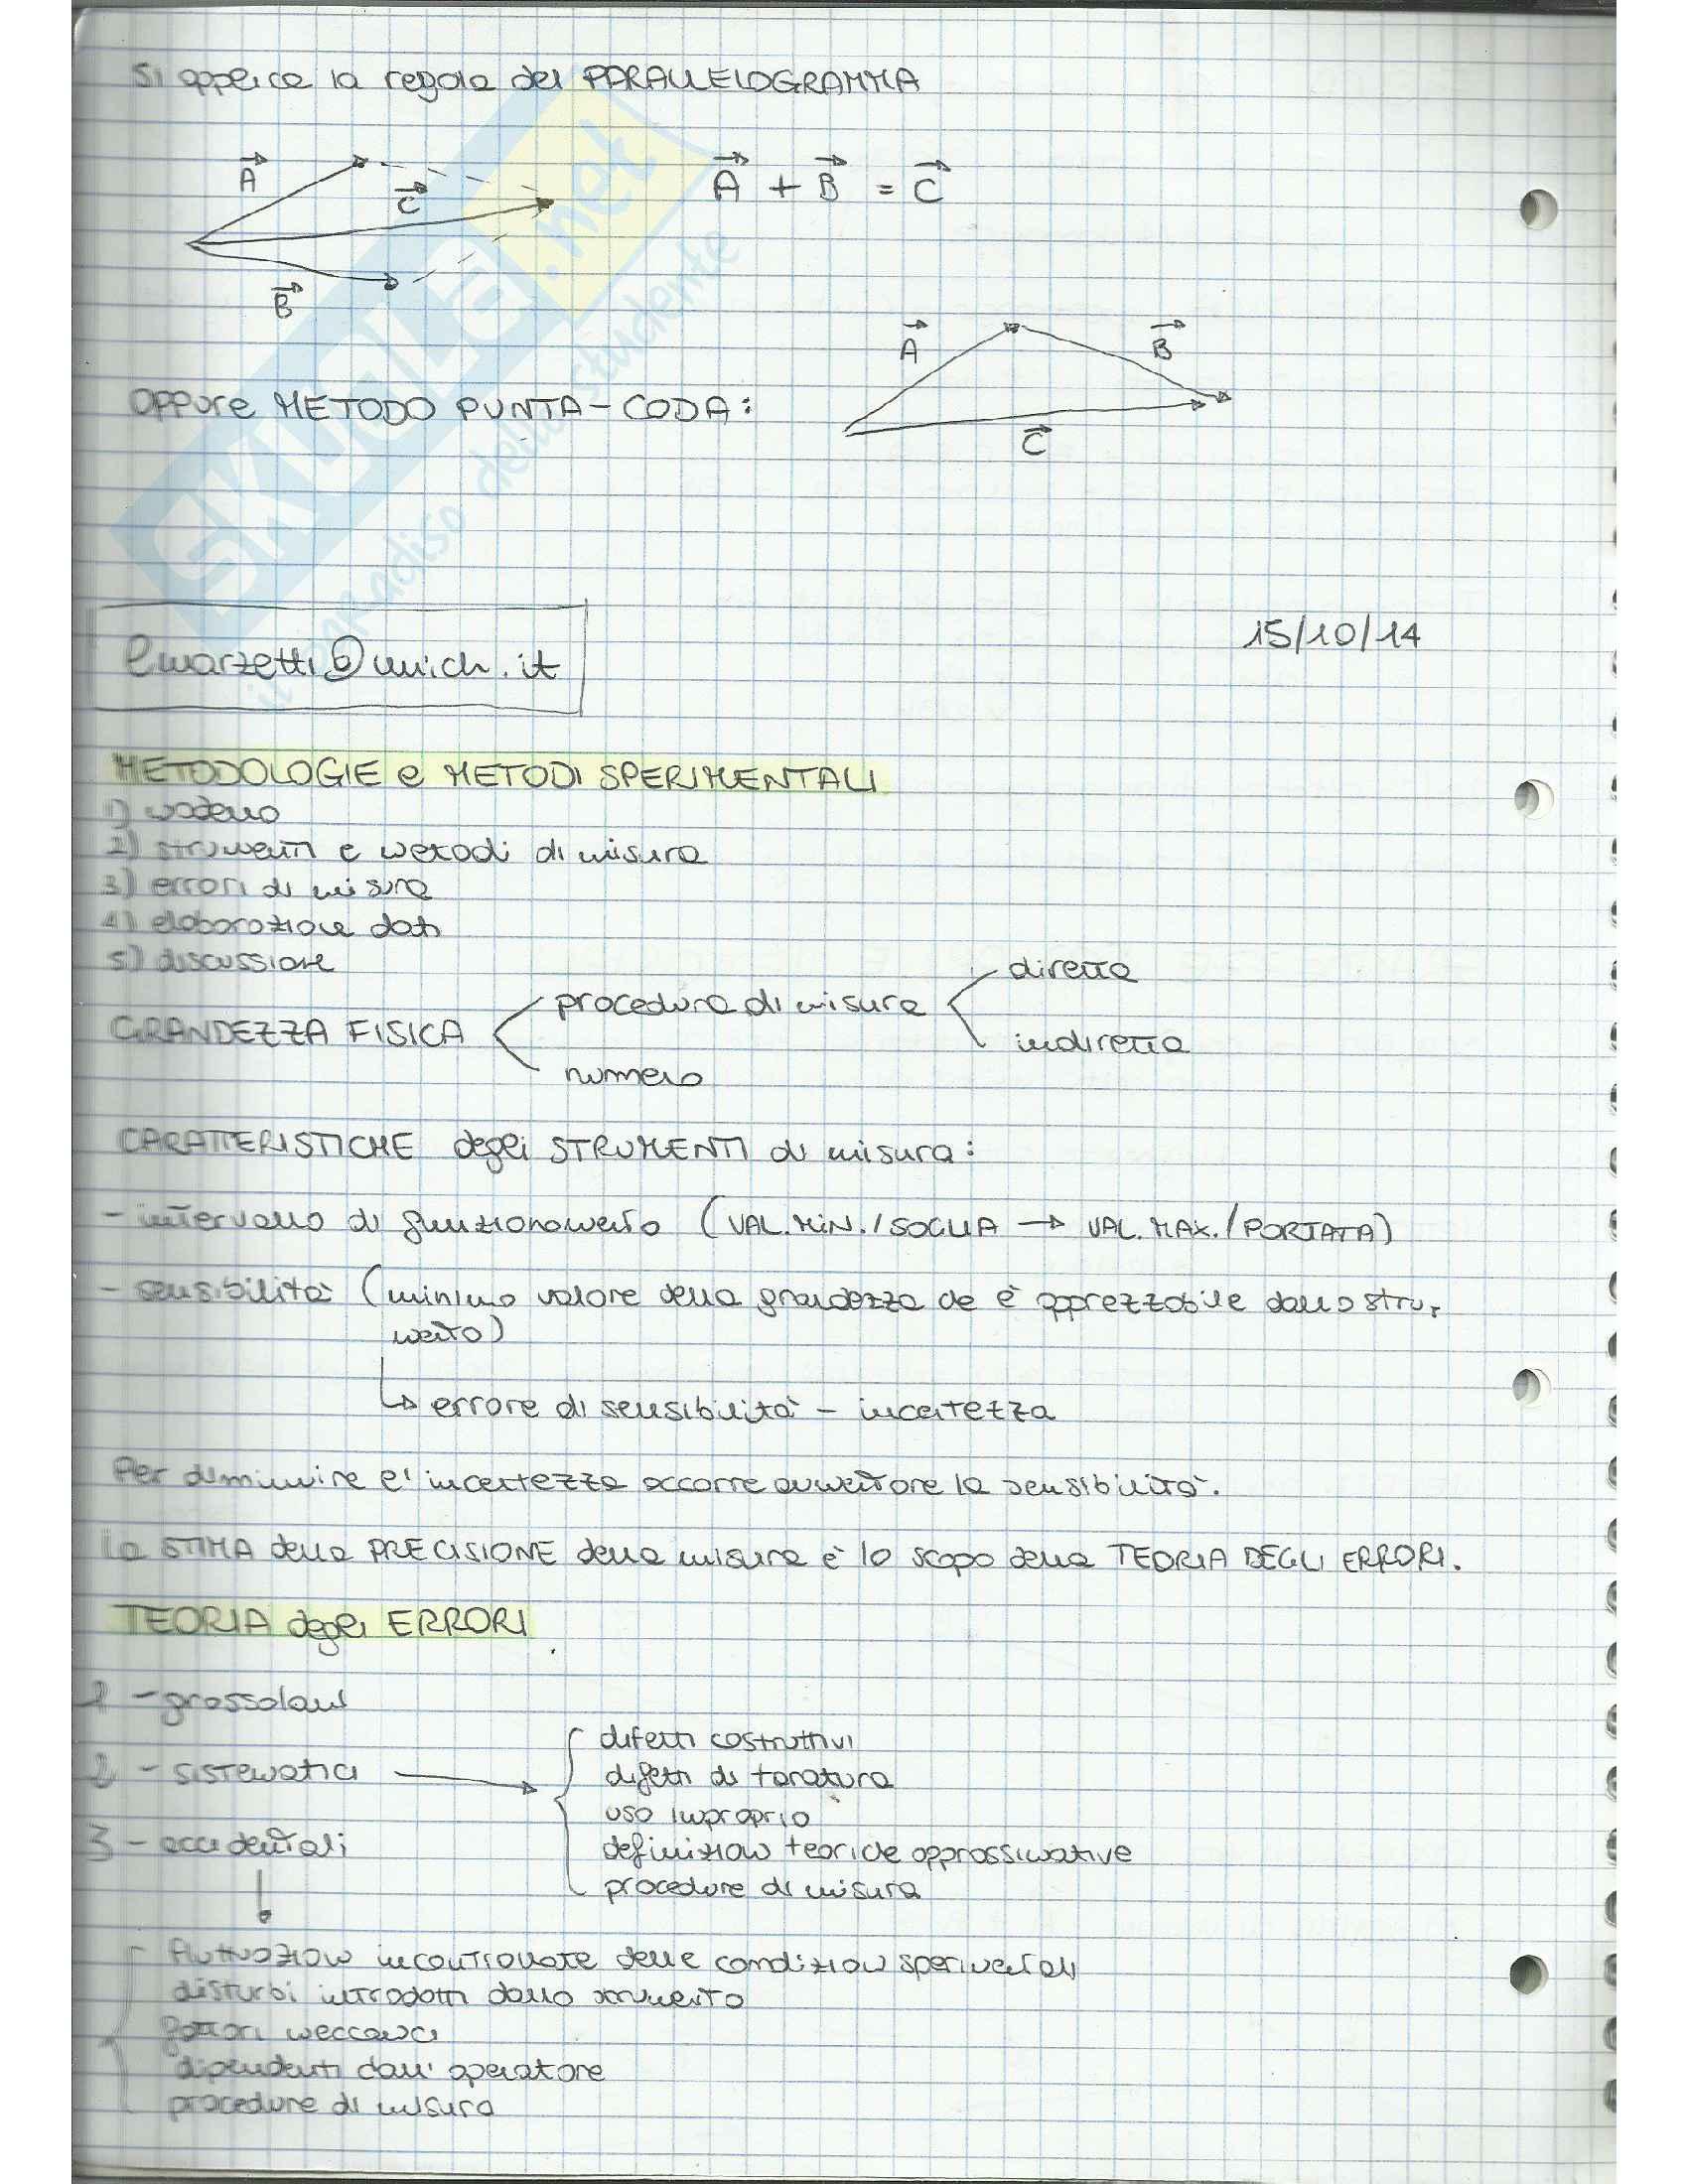 Appunti di Fisica Applicata (cinematica, dinamica, moto circolare, gravitazione, lavoro, quantità di moto, moto rotatorio, equilibrio) Pag. 2